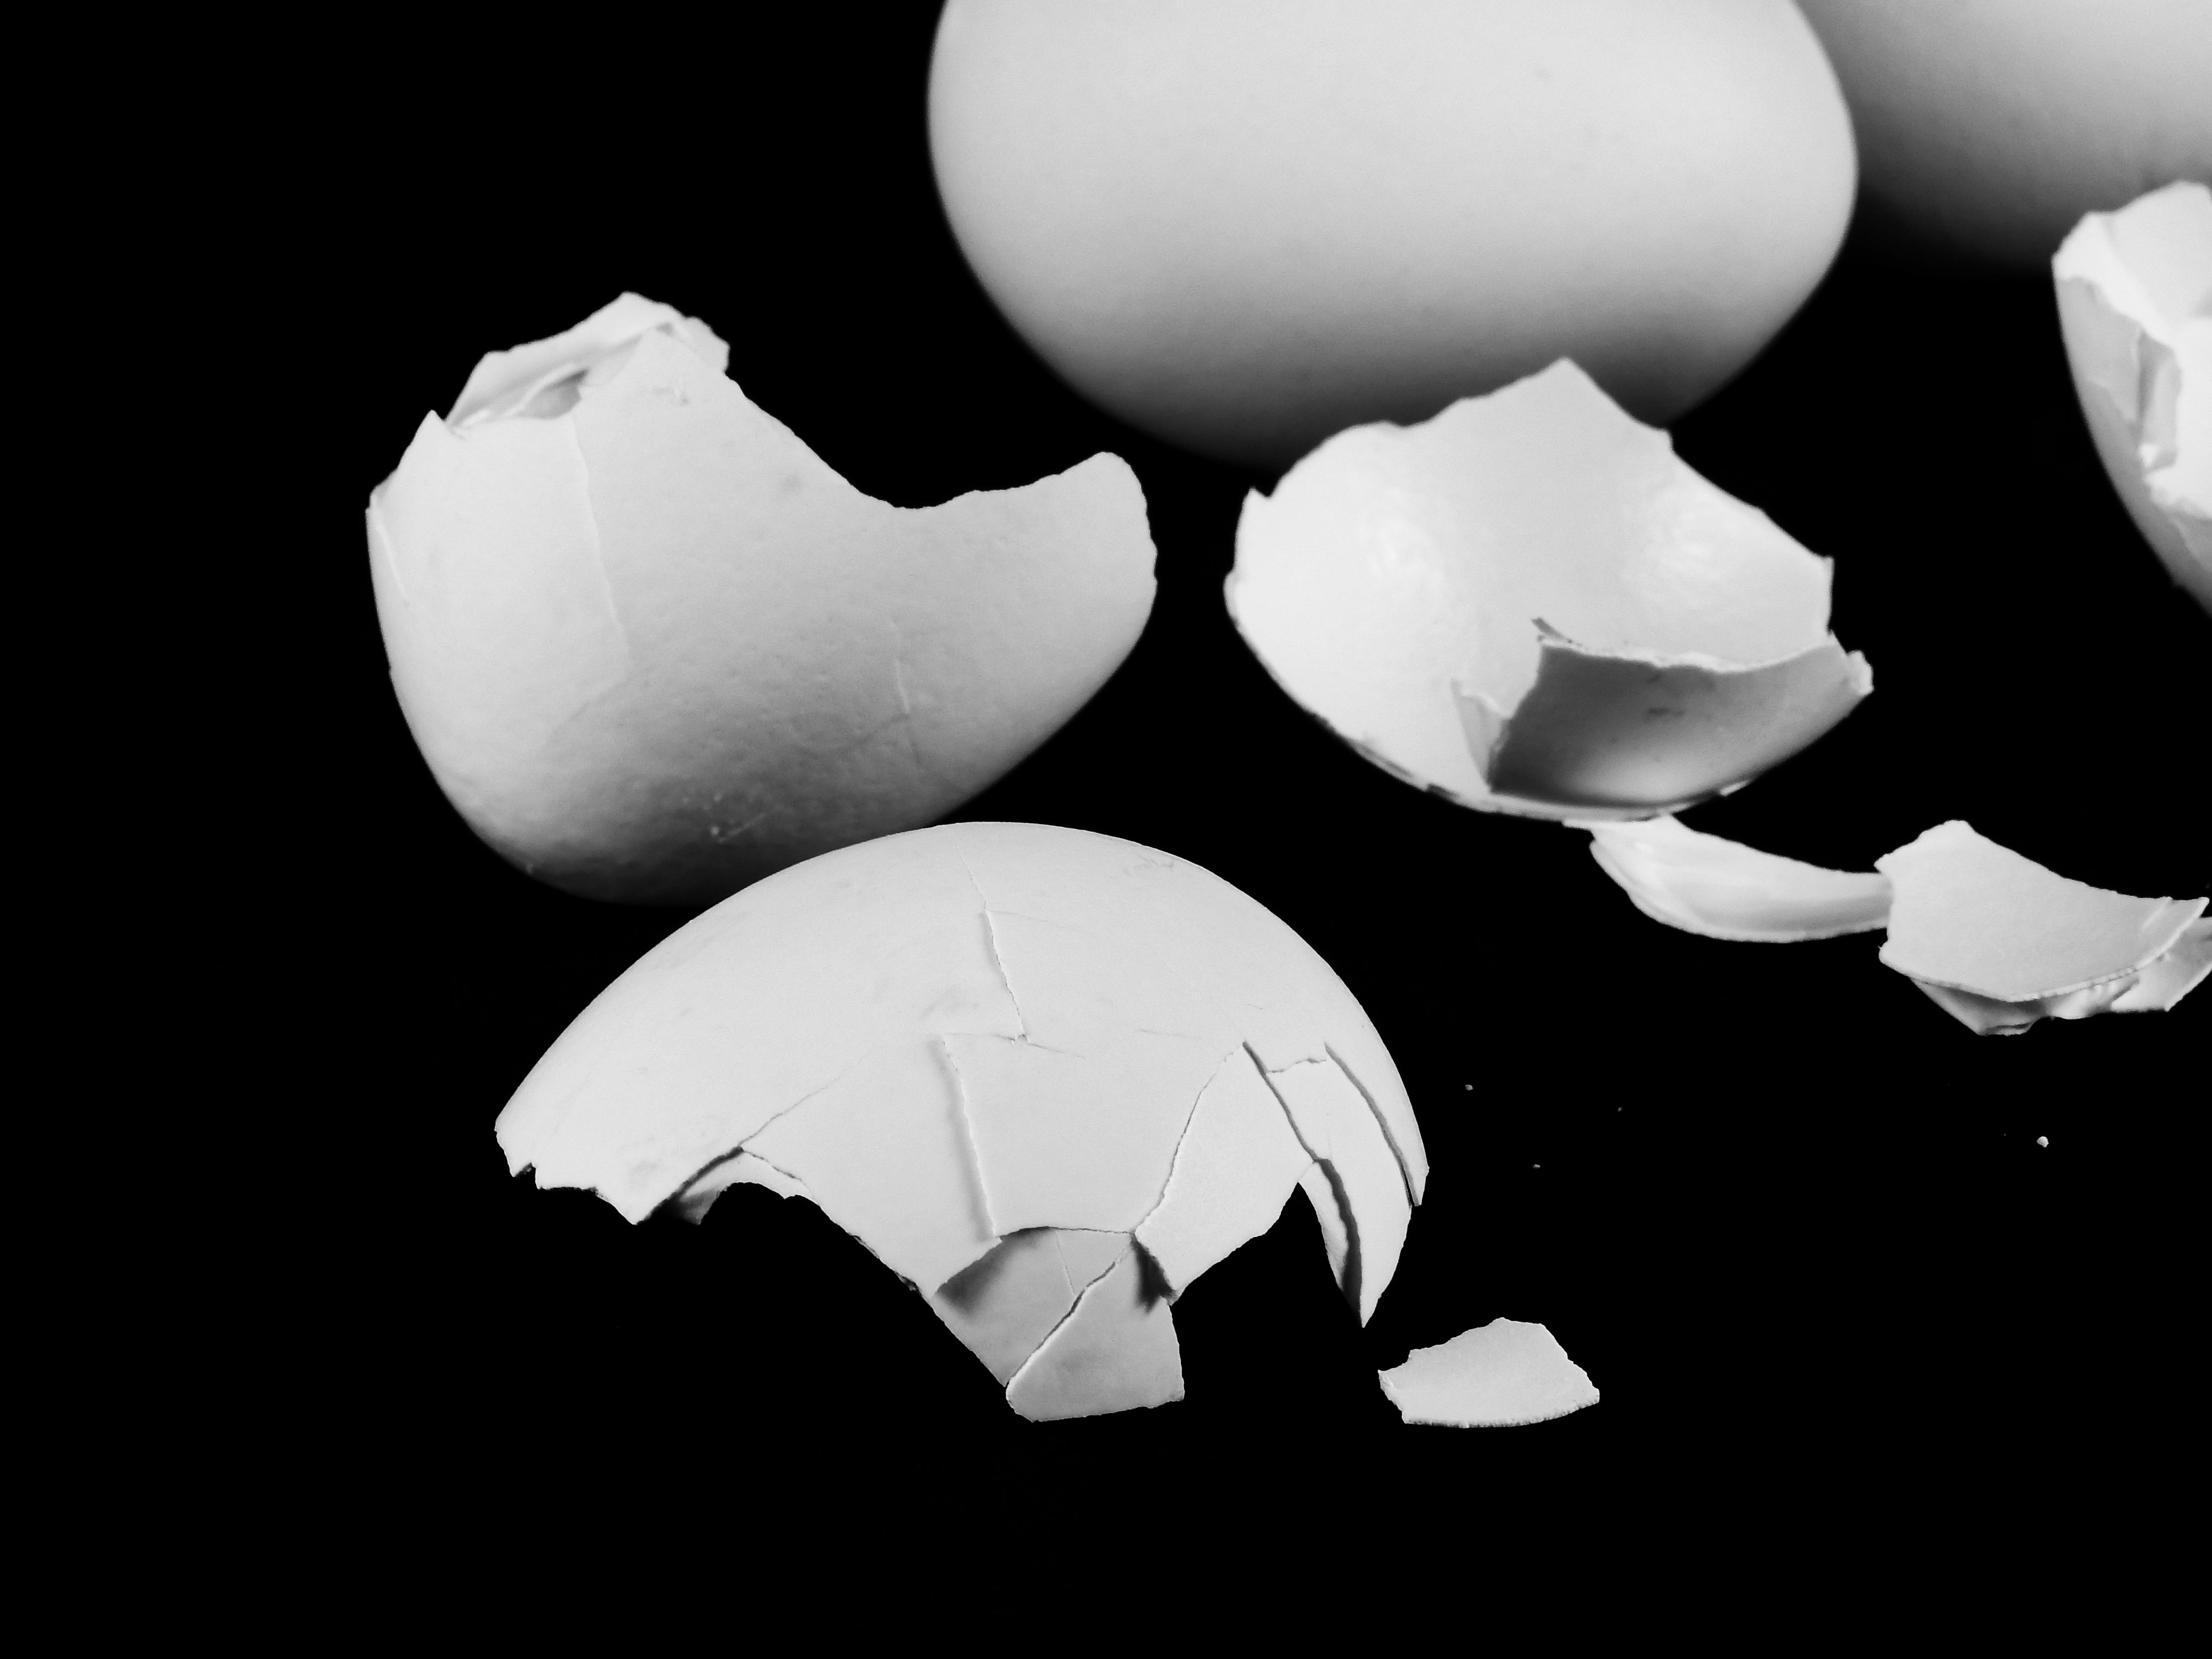 Gambar Tangan Hitam Dan Putih Daun Bunga Makanan Rusak Satu